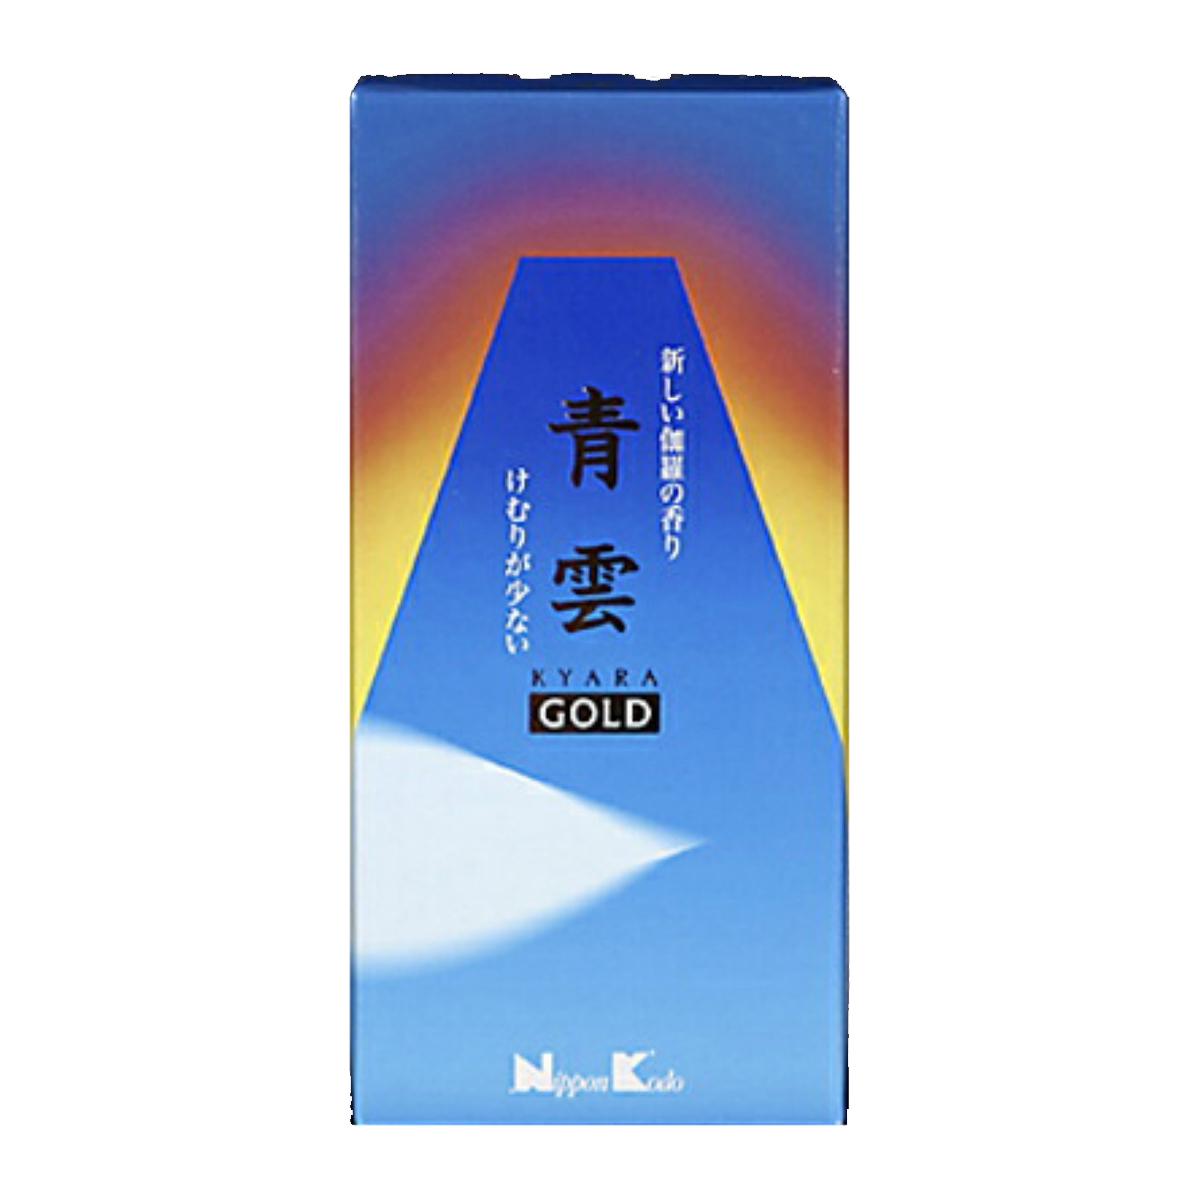 けむりの量:かなり少ない 伽羅の香りを現代風にアレンジした甘味のある香り 令和 早い者勝ちセール 日本香堂 青雲ゴールド お線香 バラ詰 4902125211018 2020 大特価